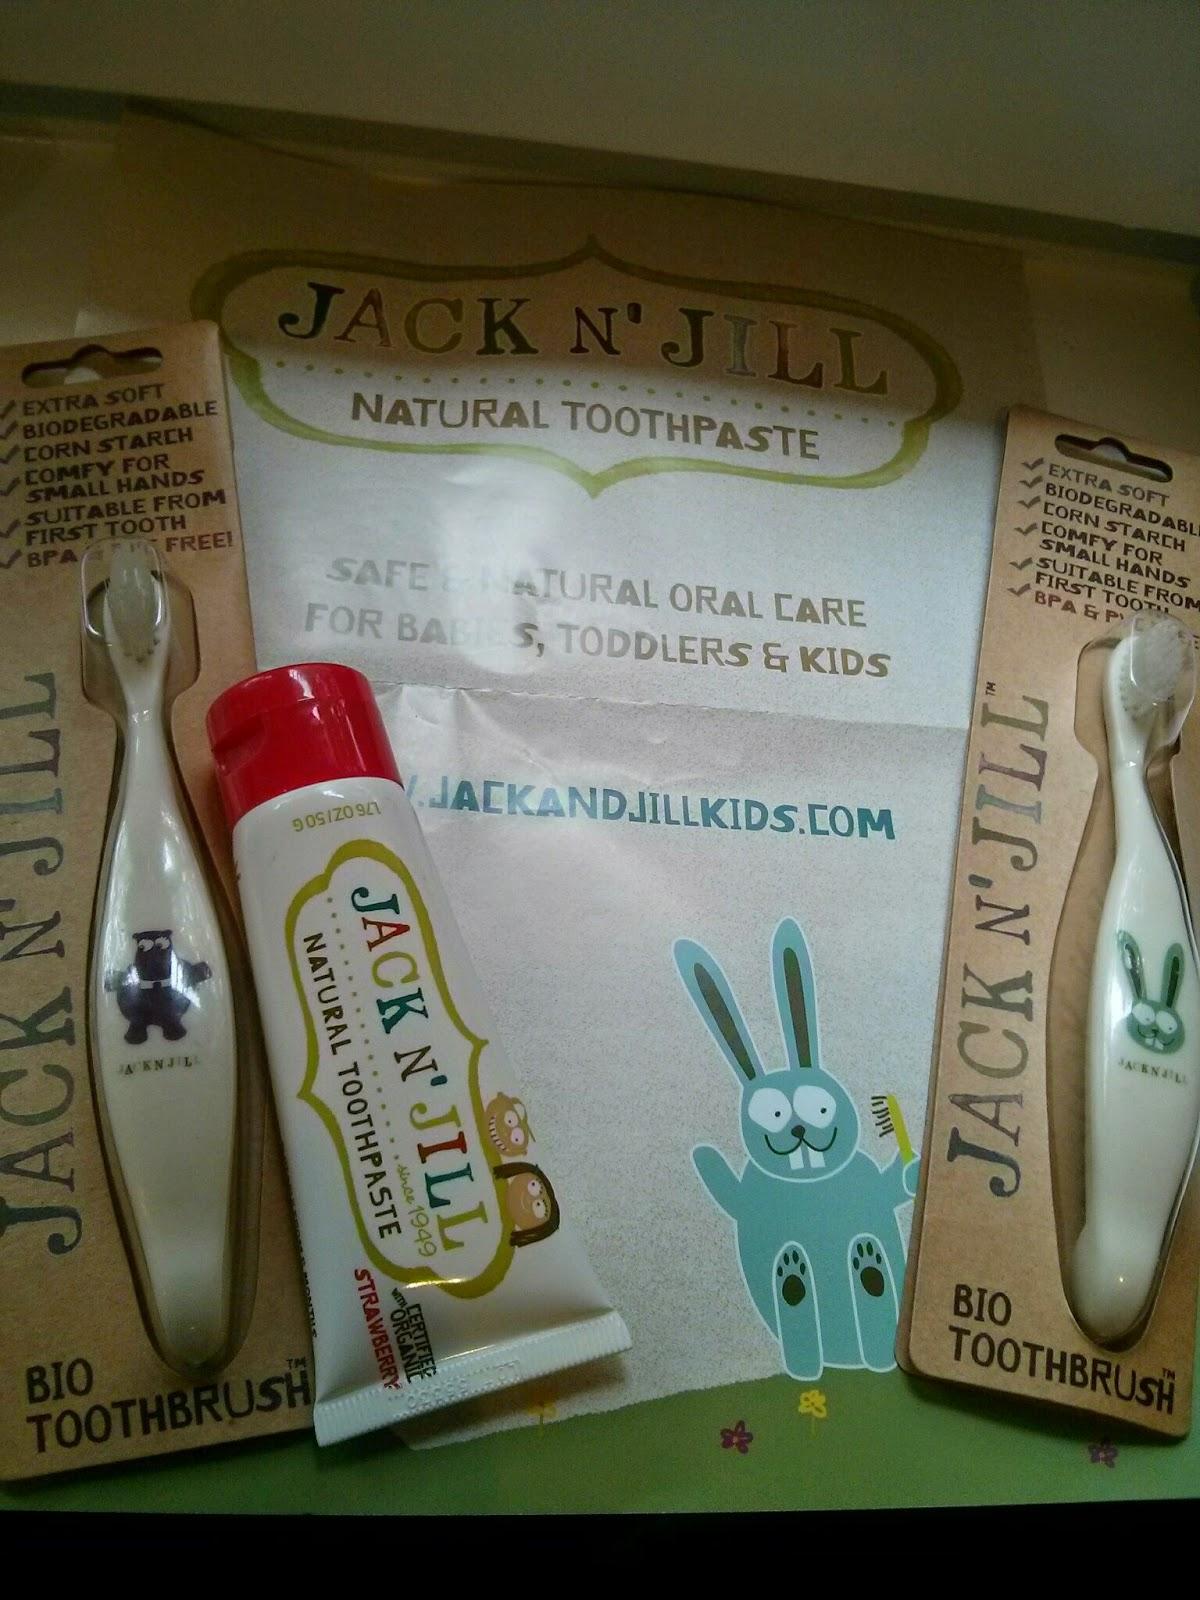 Jack N' Jill toothpaste